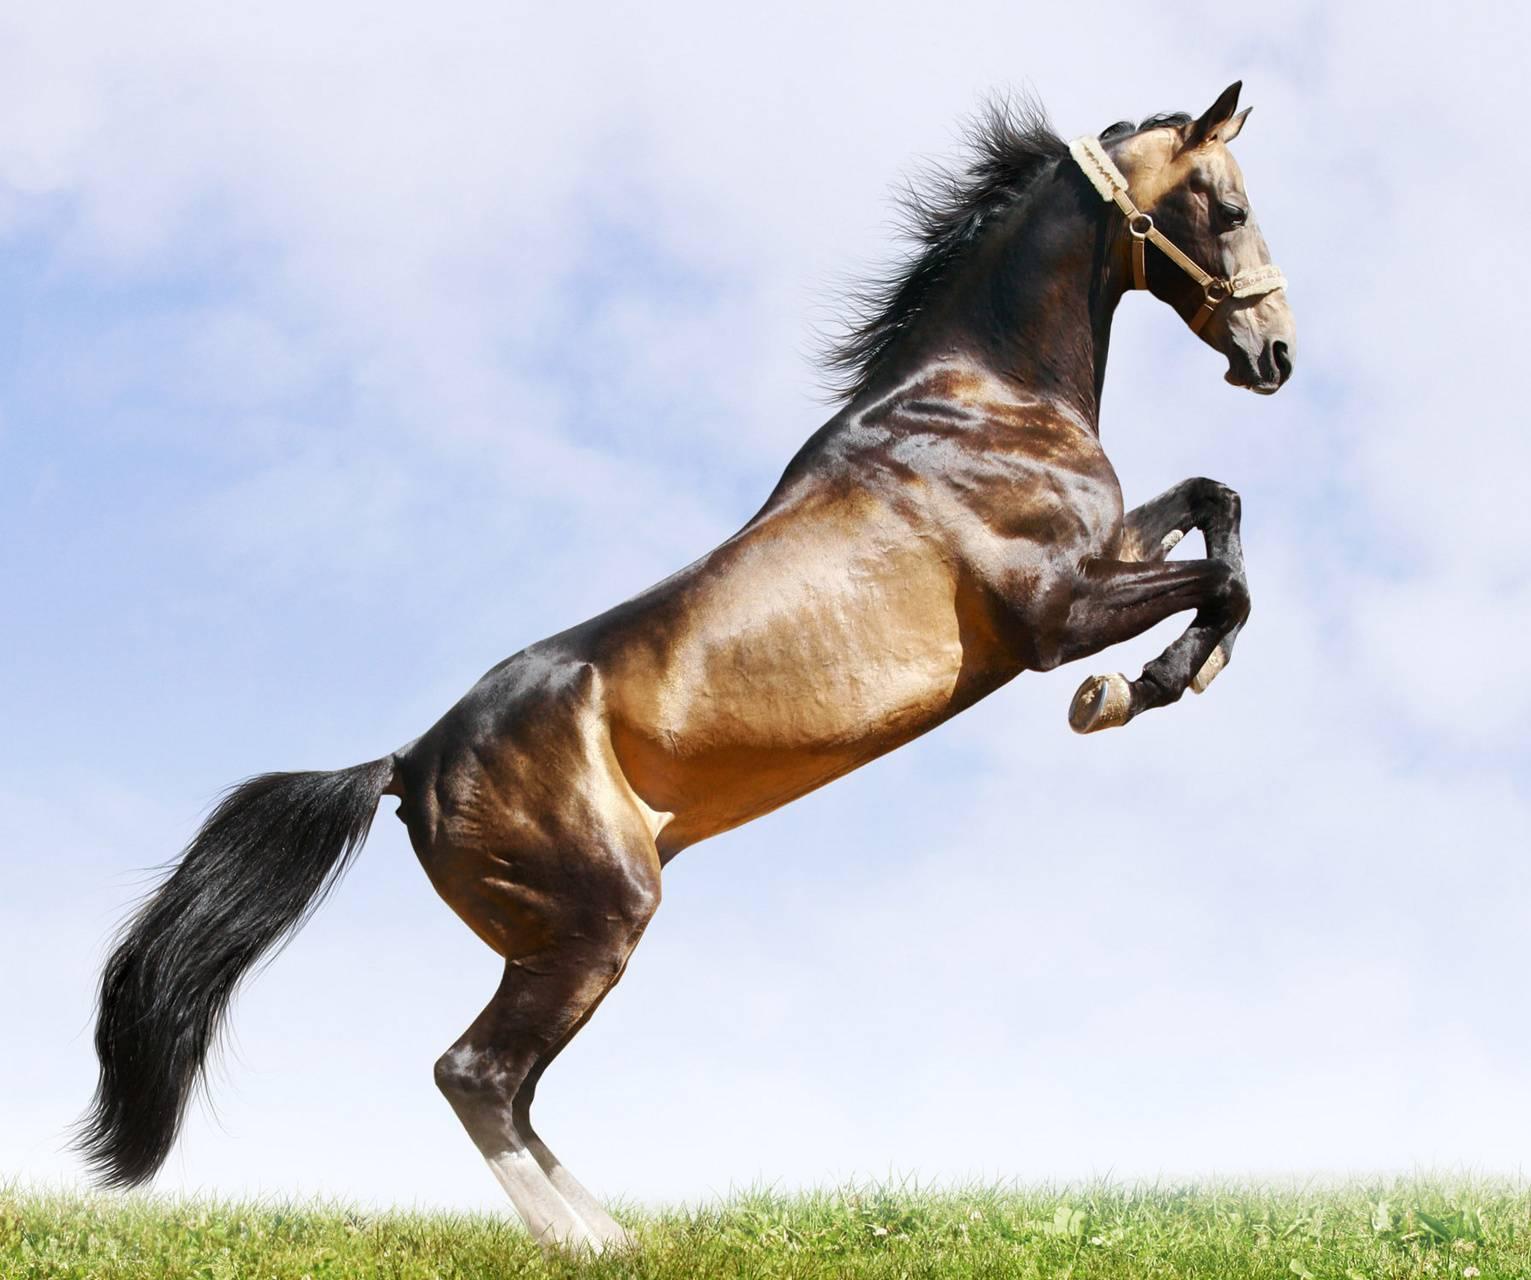 Загадка: где встречается такое, что конь через коня перепрыгивает?